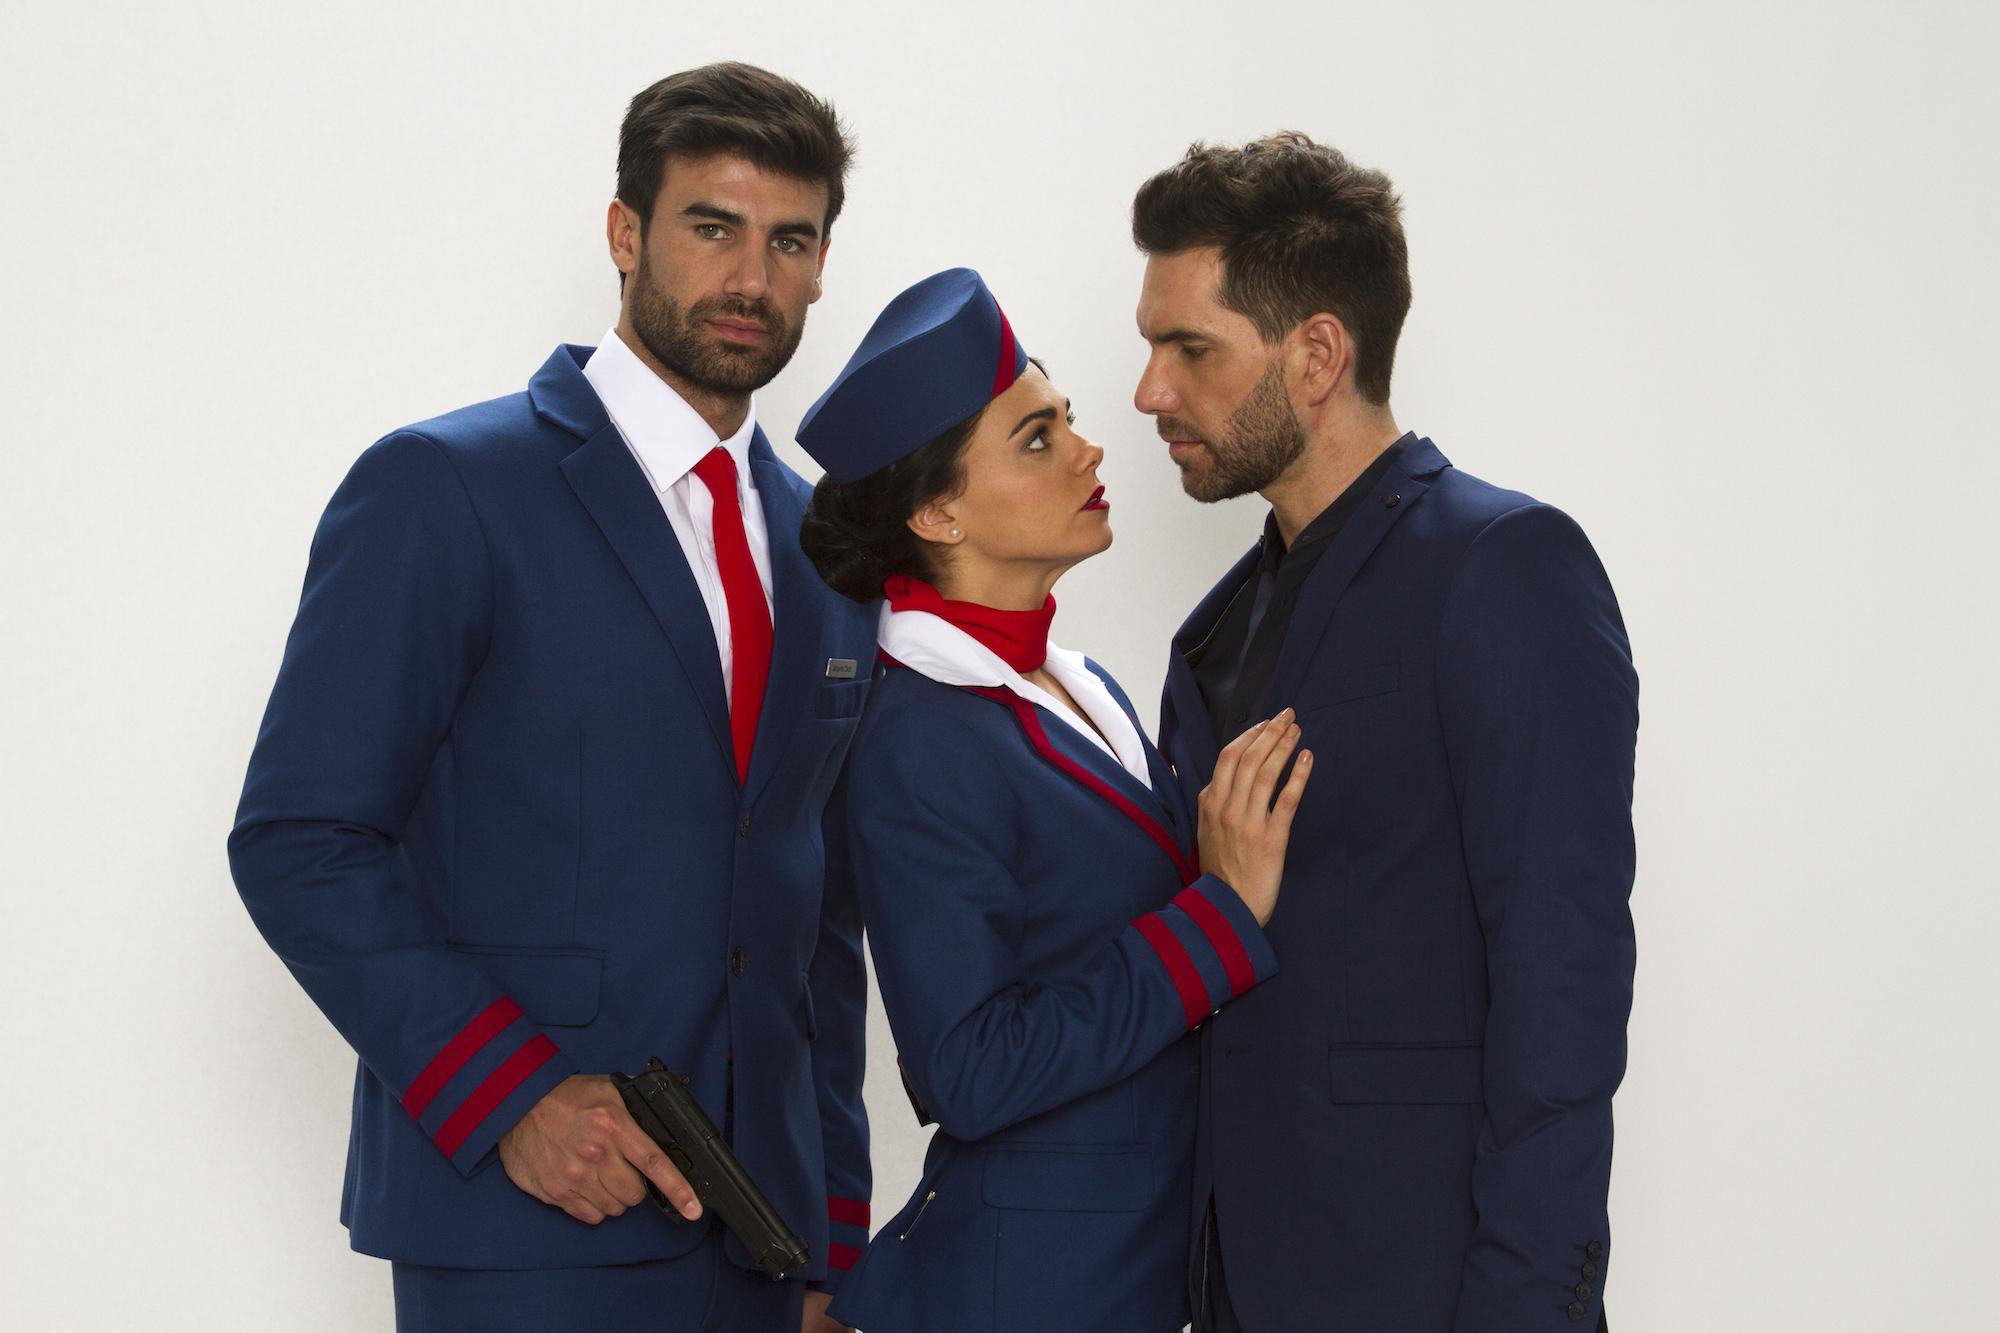 La piloto, la nueva apuesta estelar de Univisión